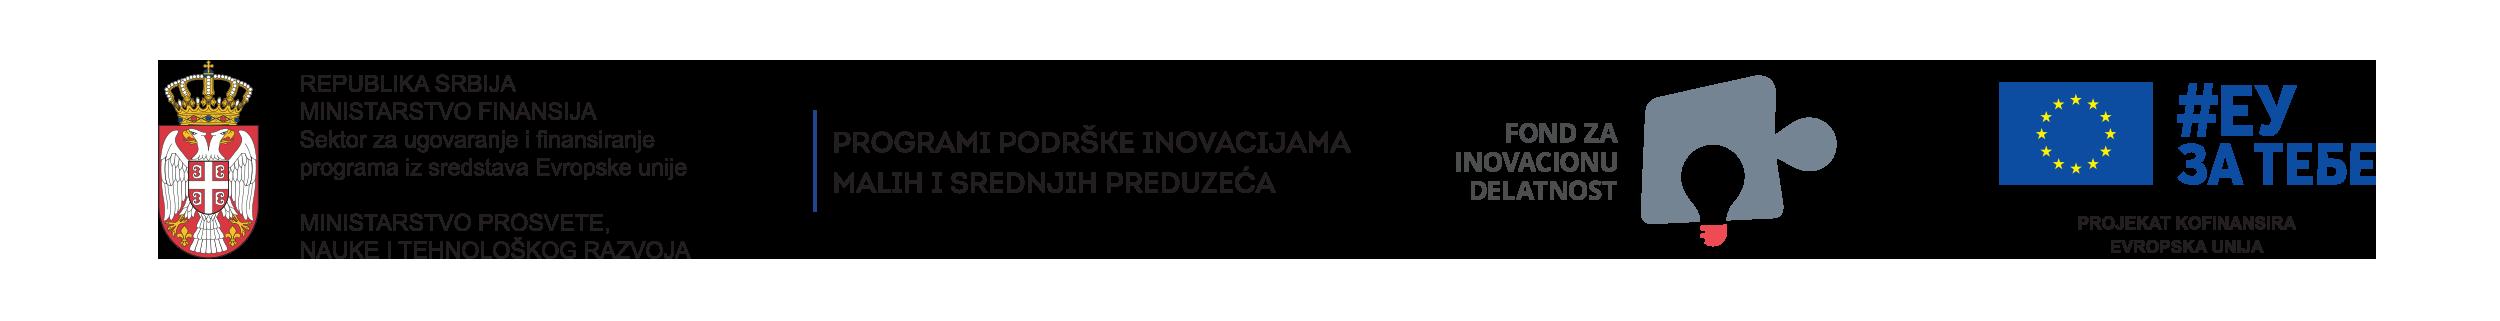 Fond za inovacionu delatnost 1